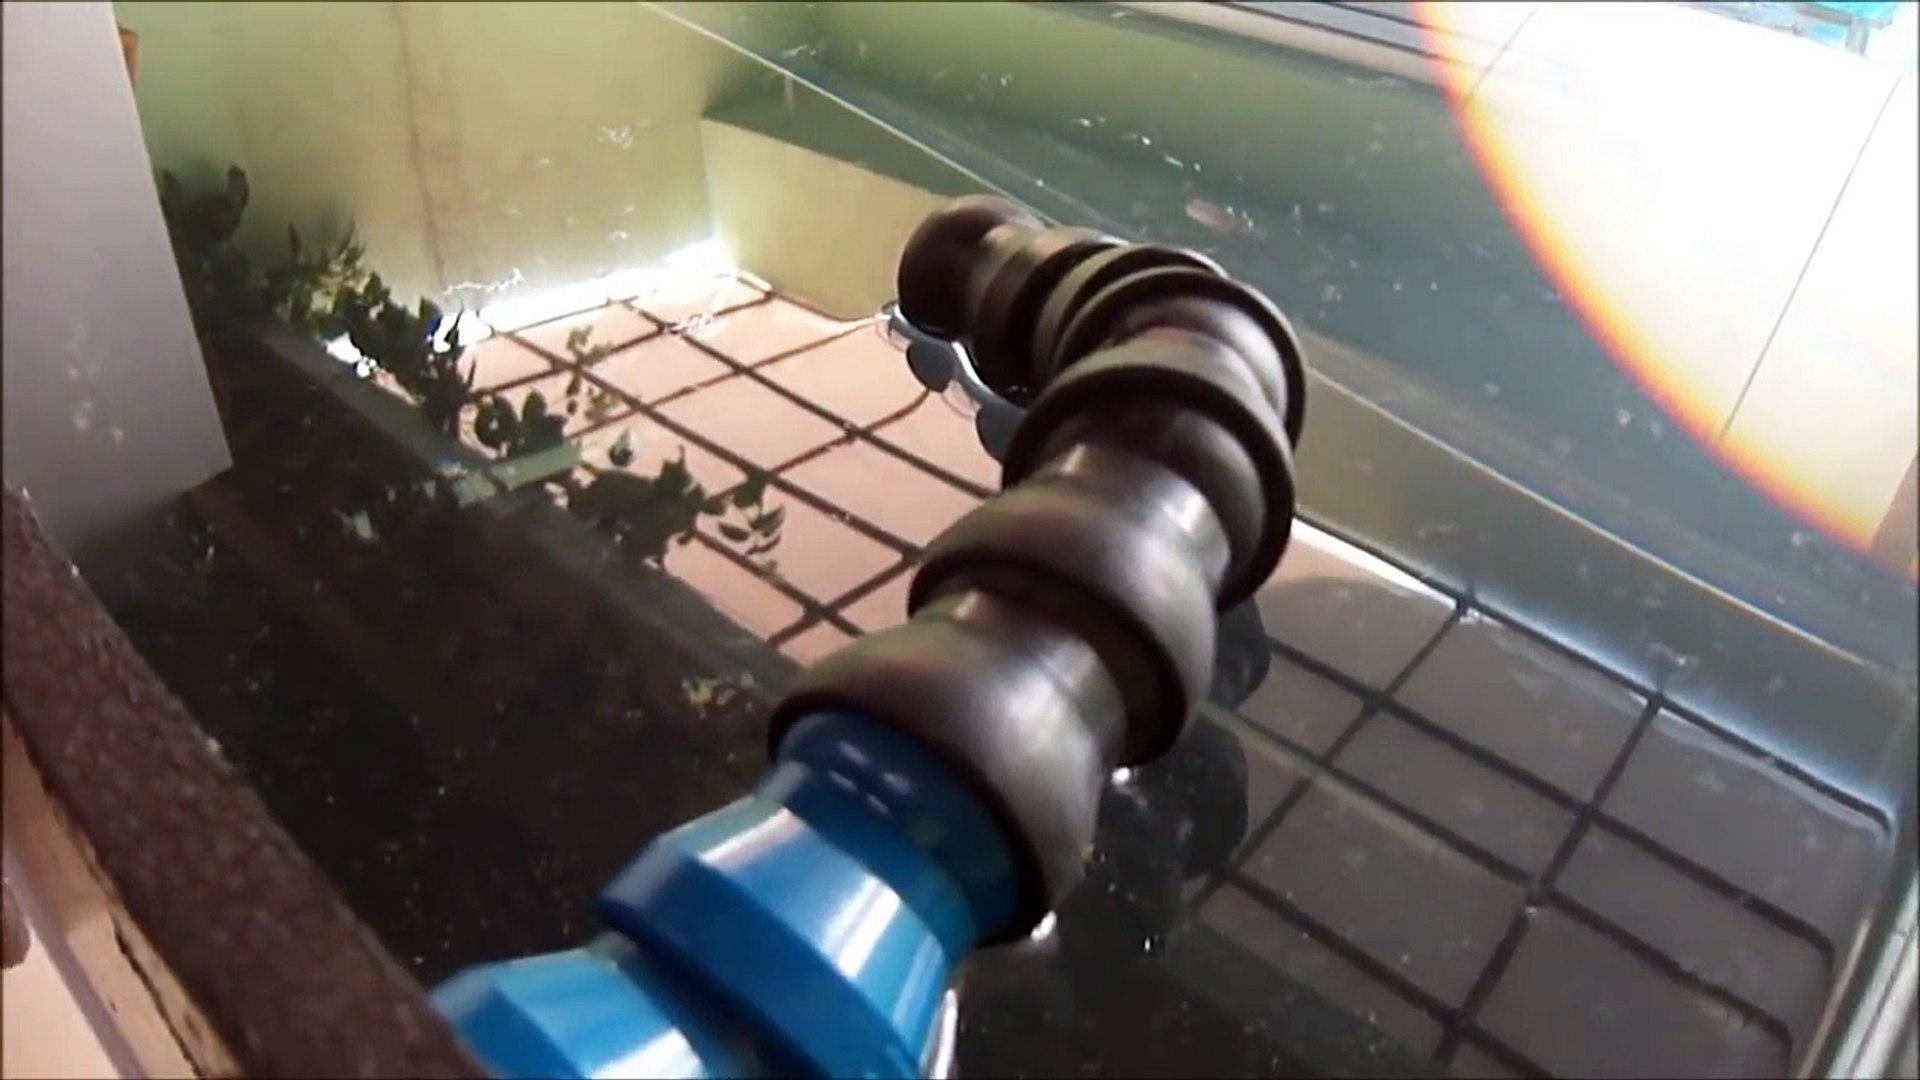 Aquarismo Pzu - Hidráulica do aquário com sump.